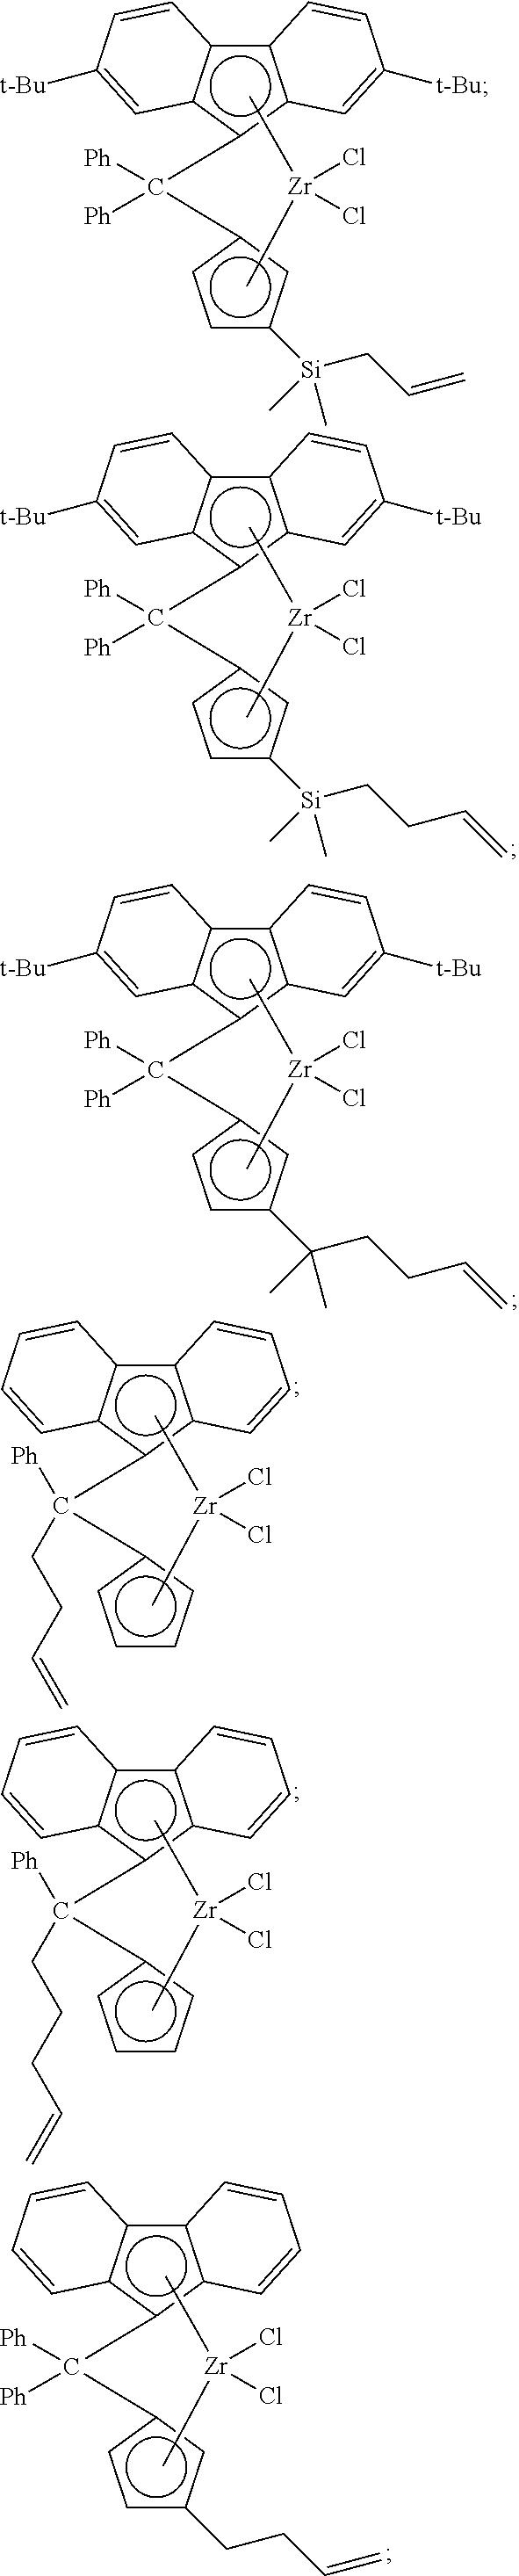 Figure US08288487-20121016-C00023